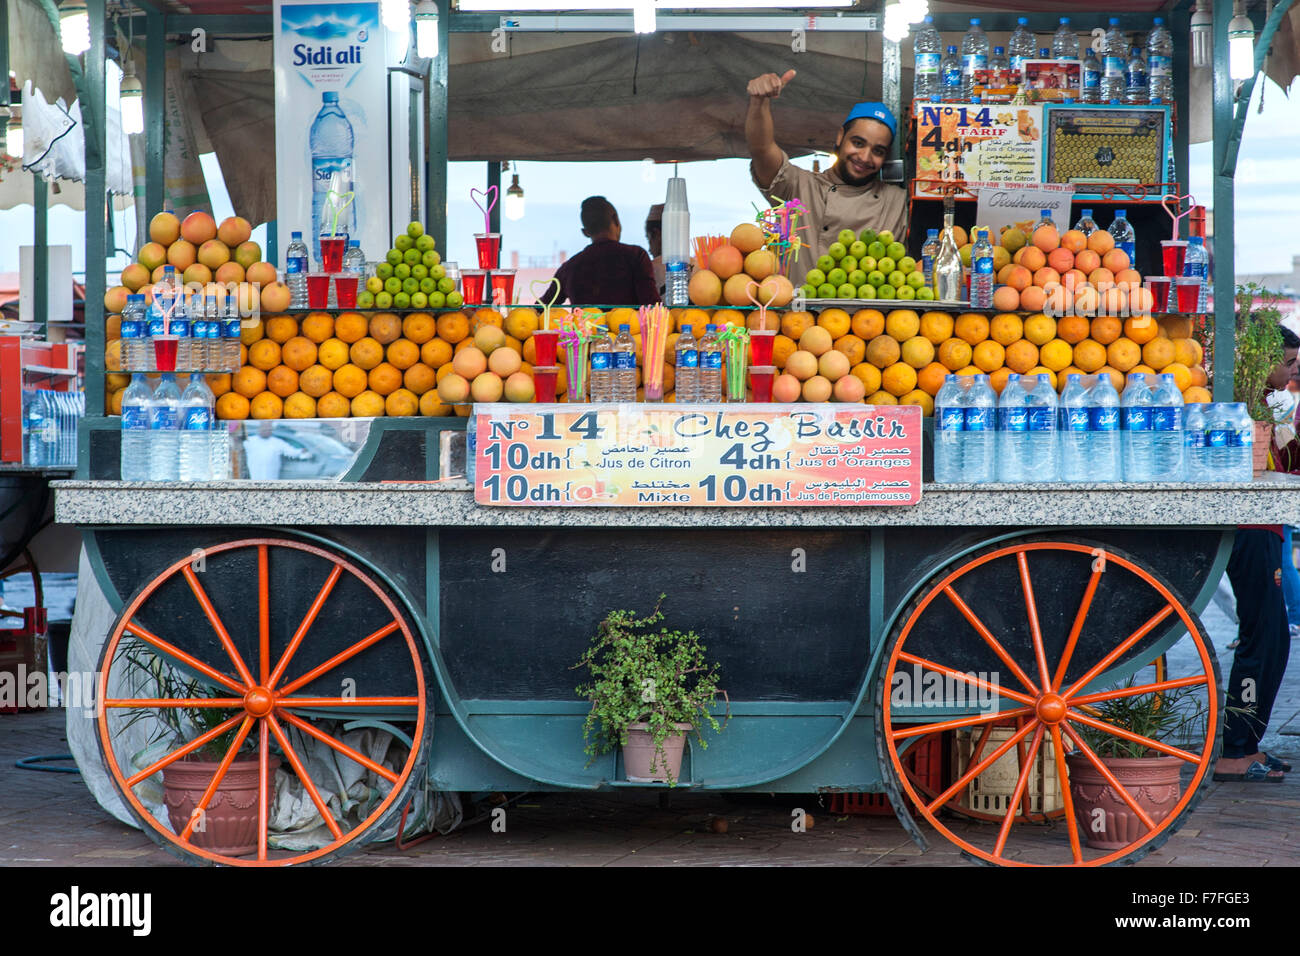 Fornitore del succo di frutta in Piazza Jemaa El Fna a Marrakech, Marocco. Foto Stock